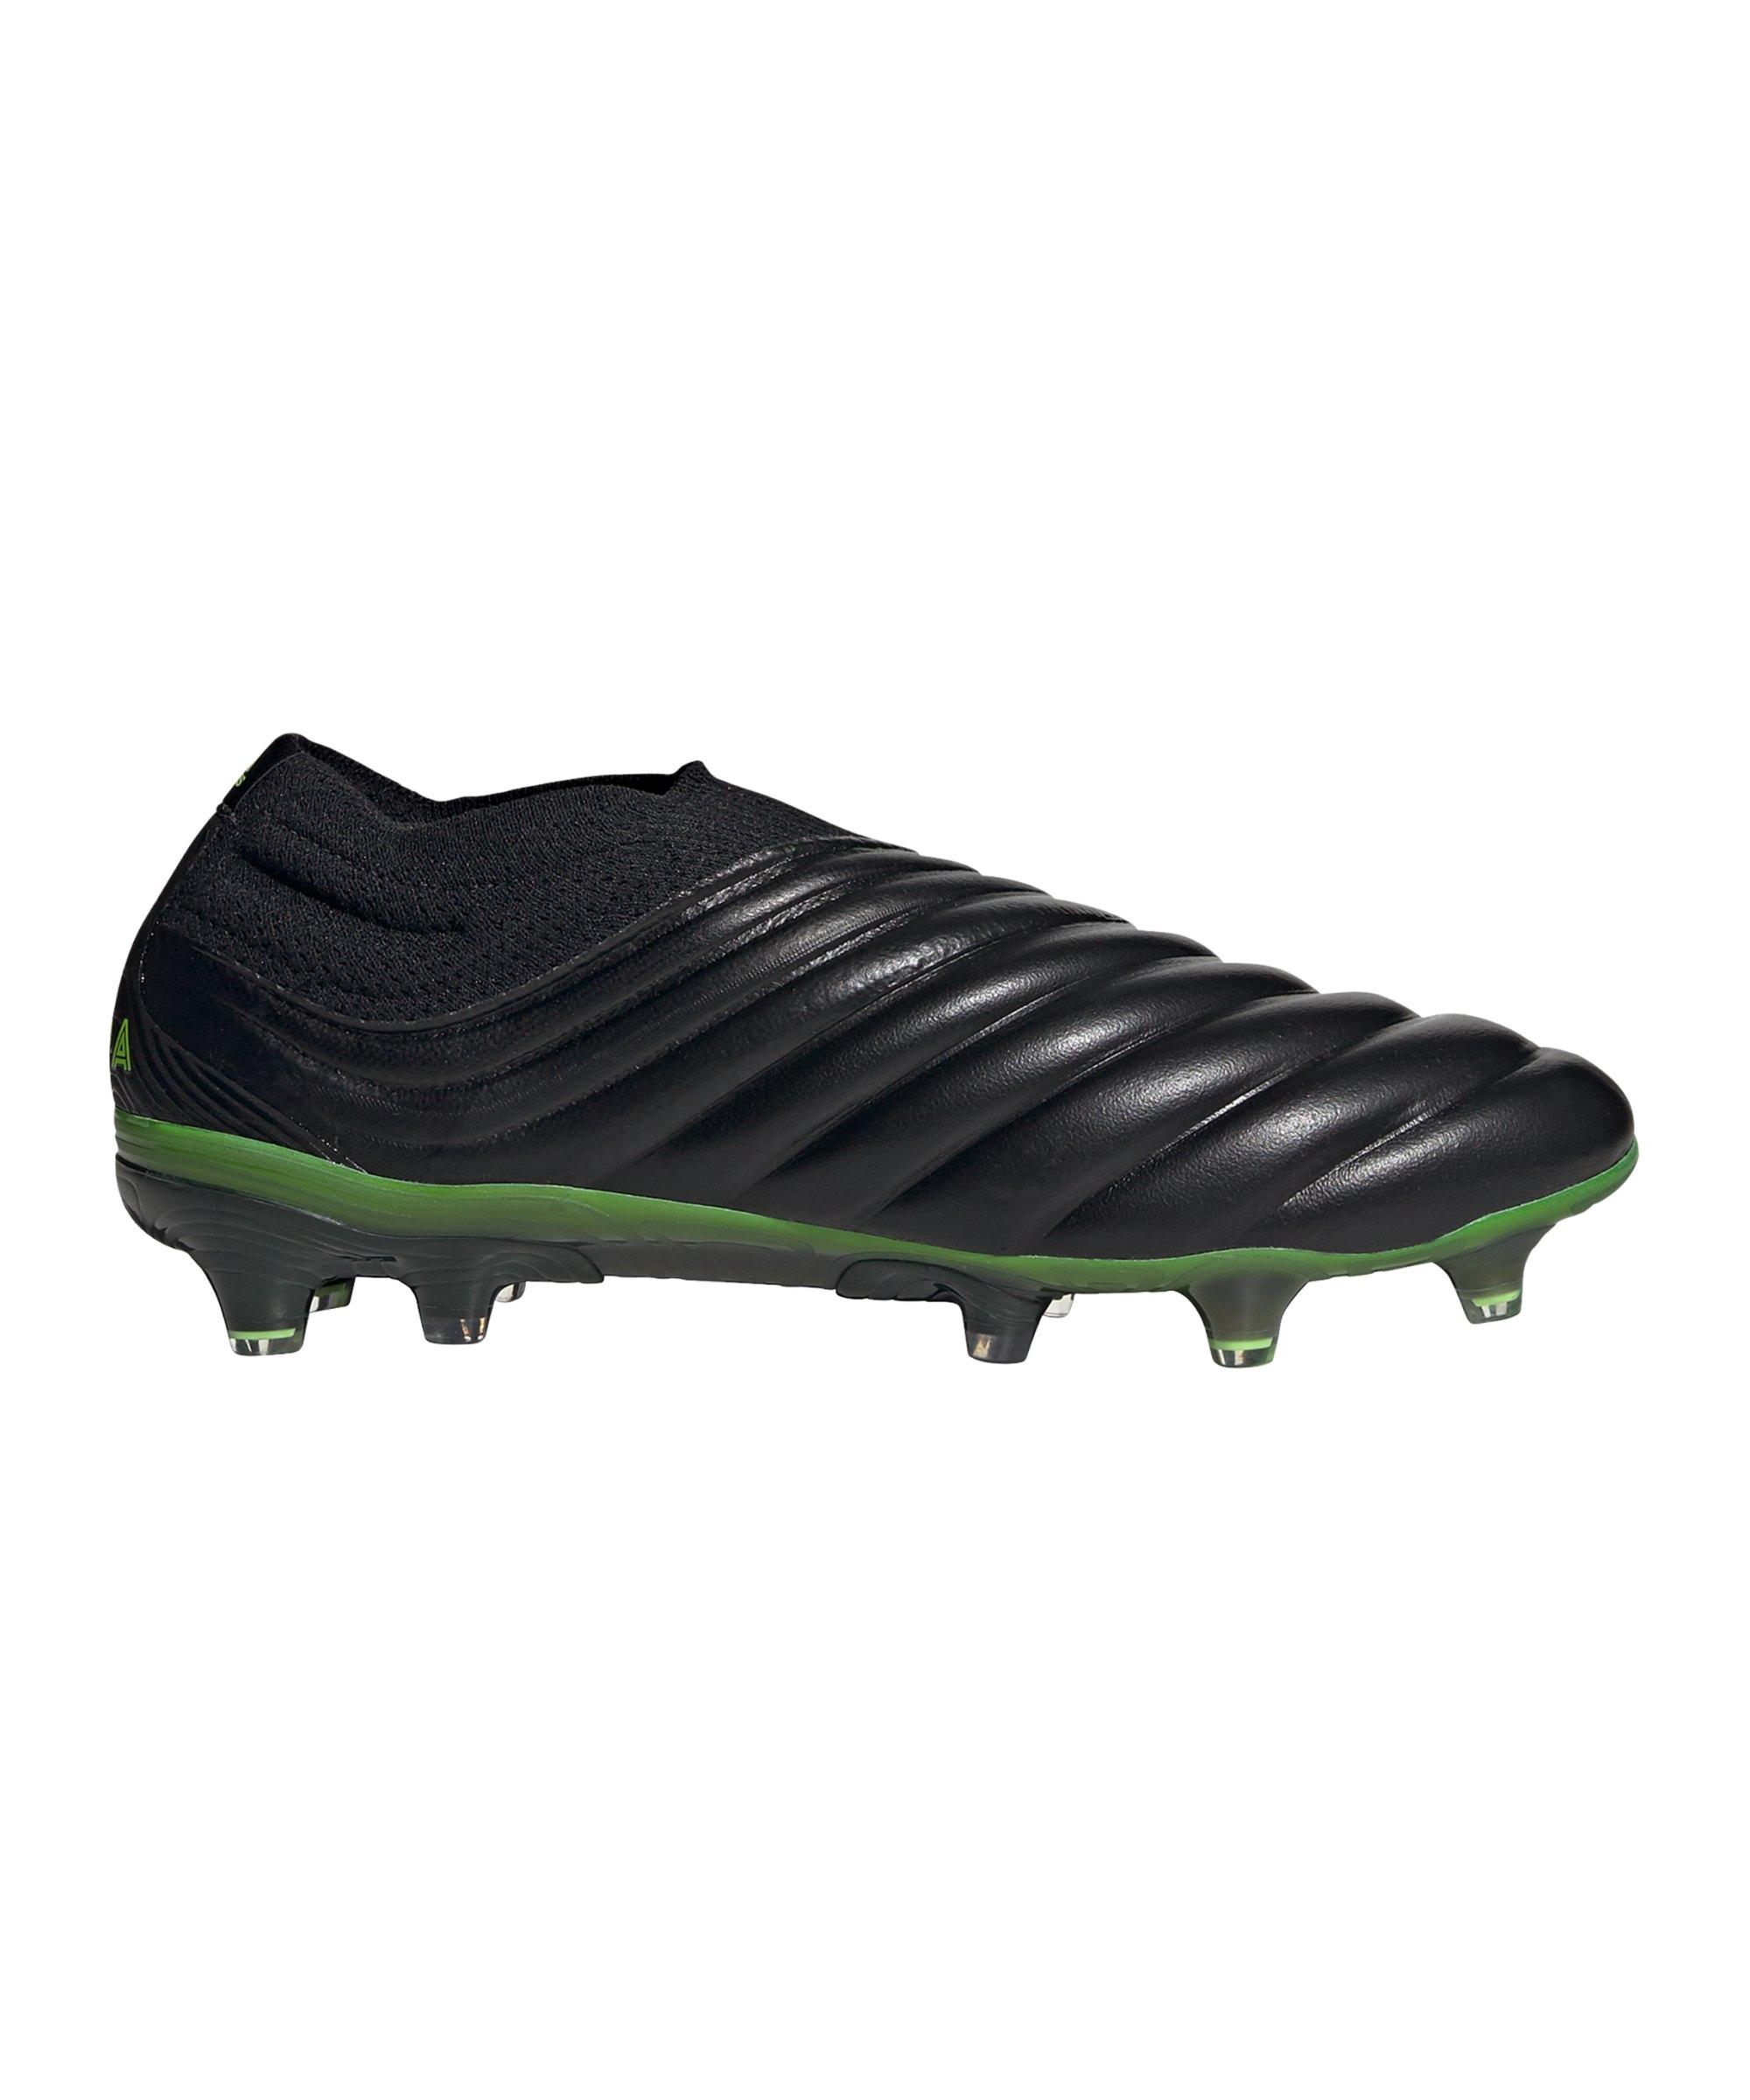 adidas COPA Dark Motion 20+ FG Schwarz Grün - schwarz